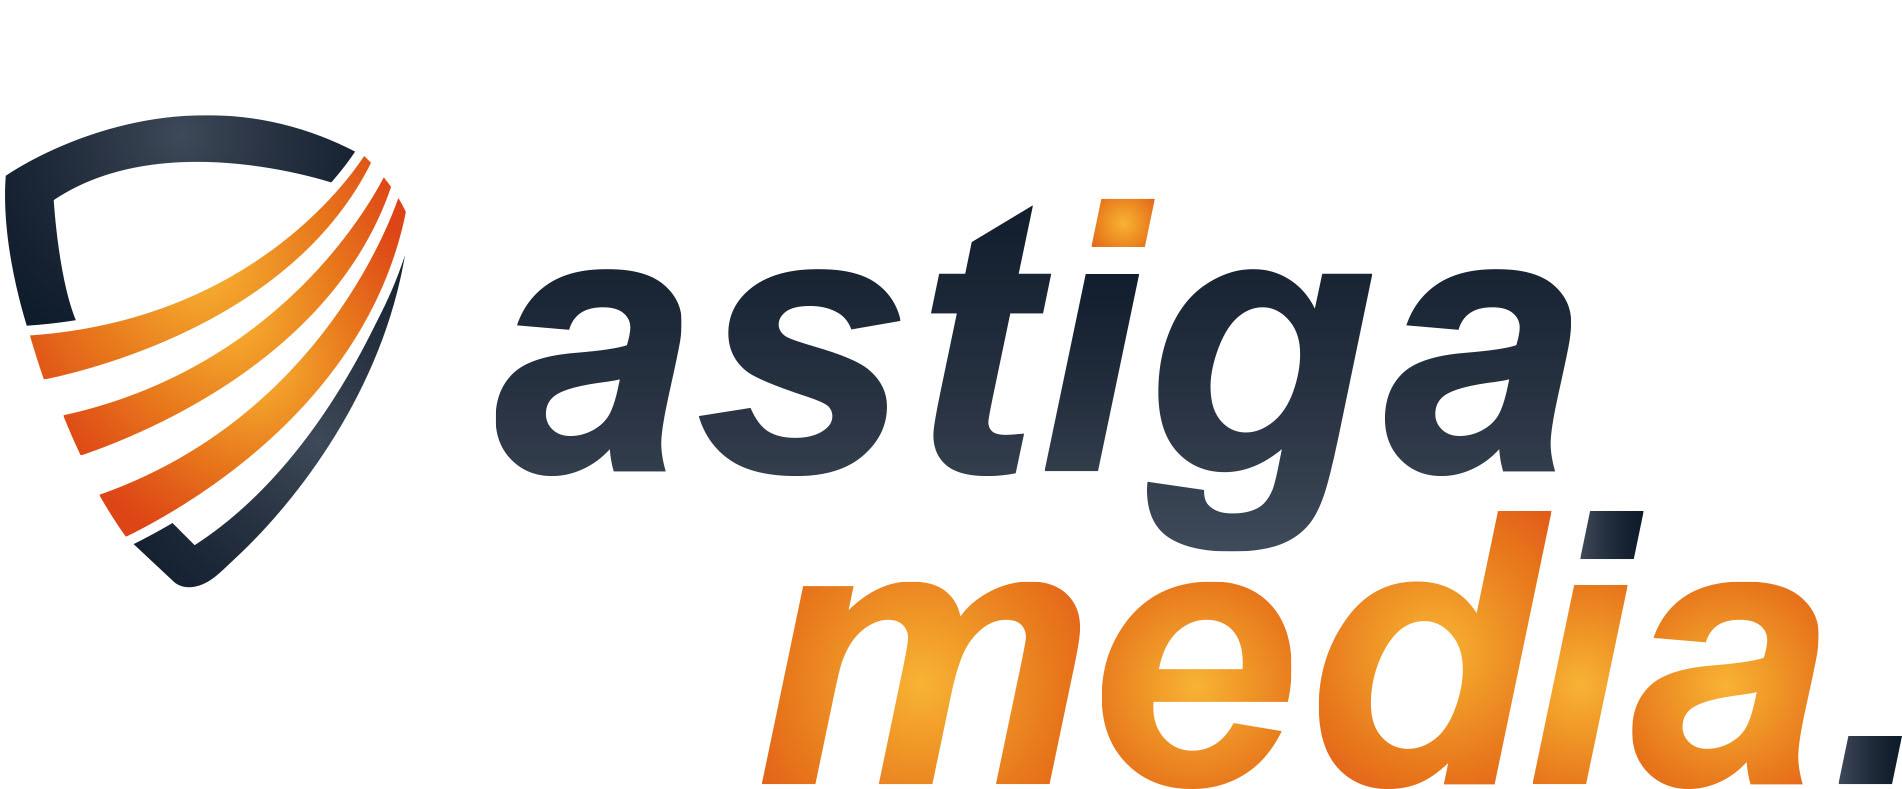 astiga media: Webseiten, SEO und Social Media aus einer Hand